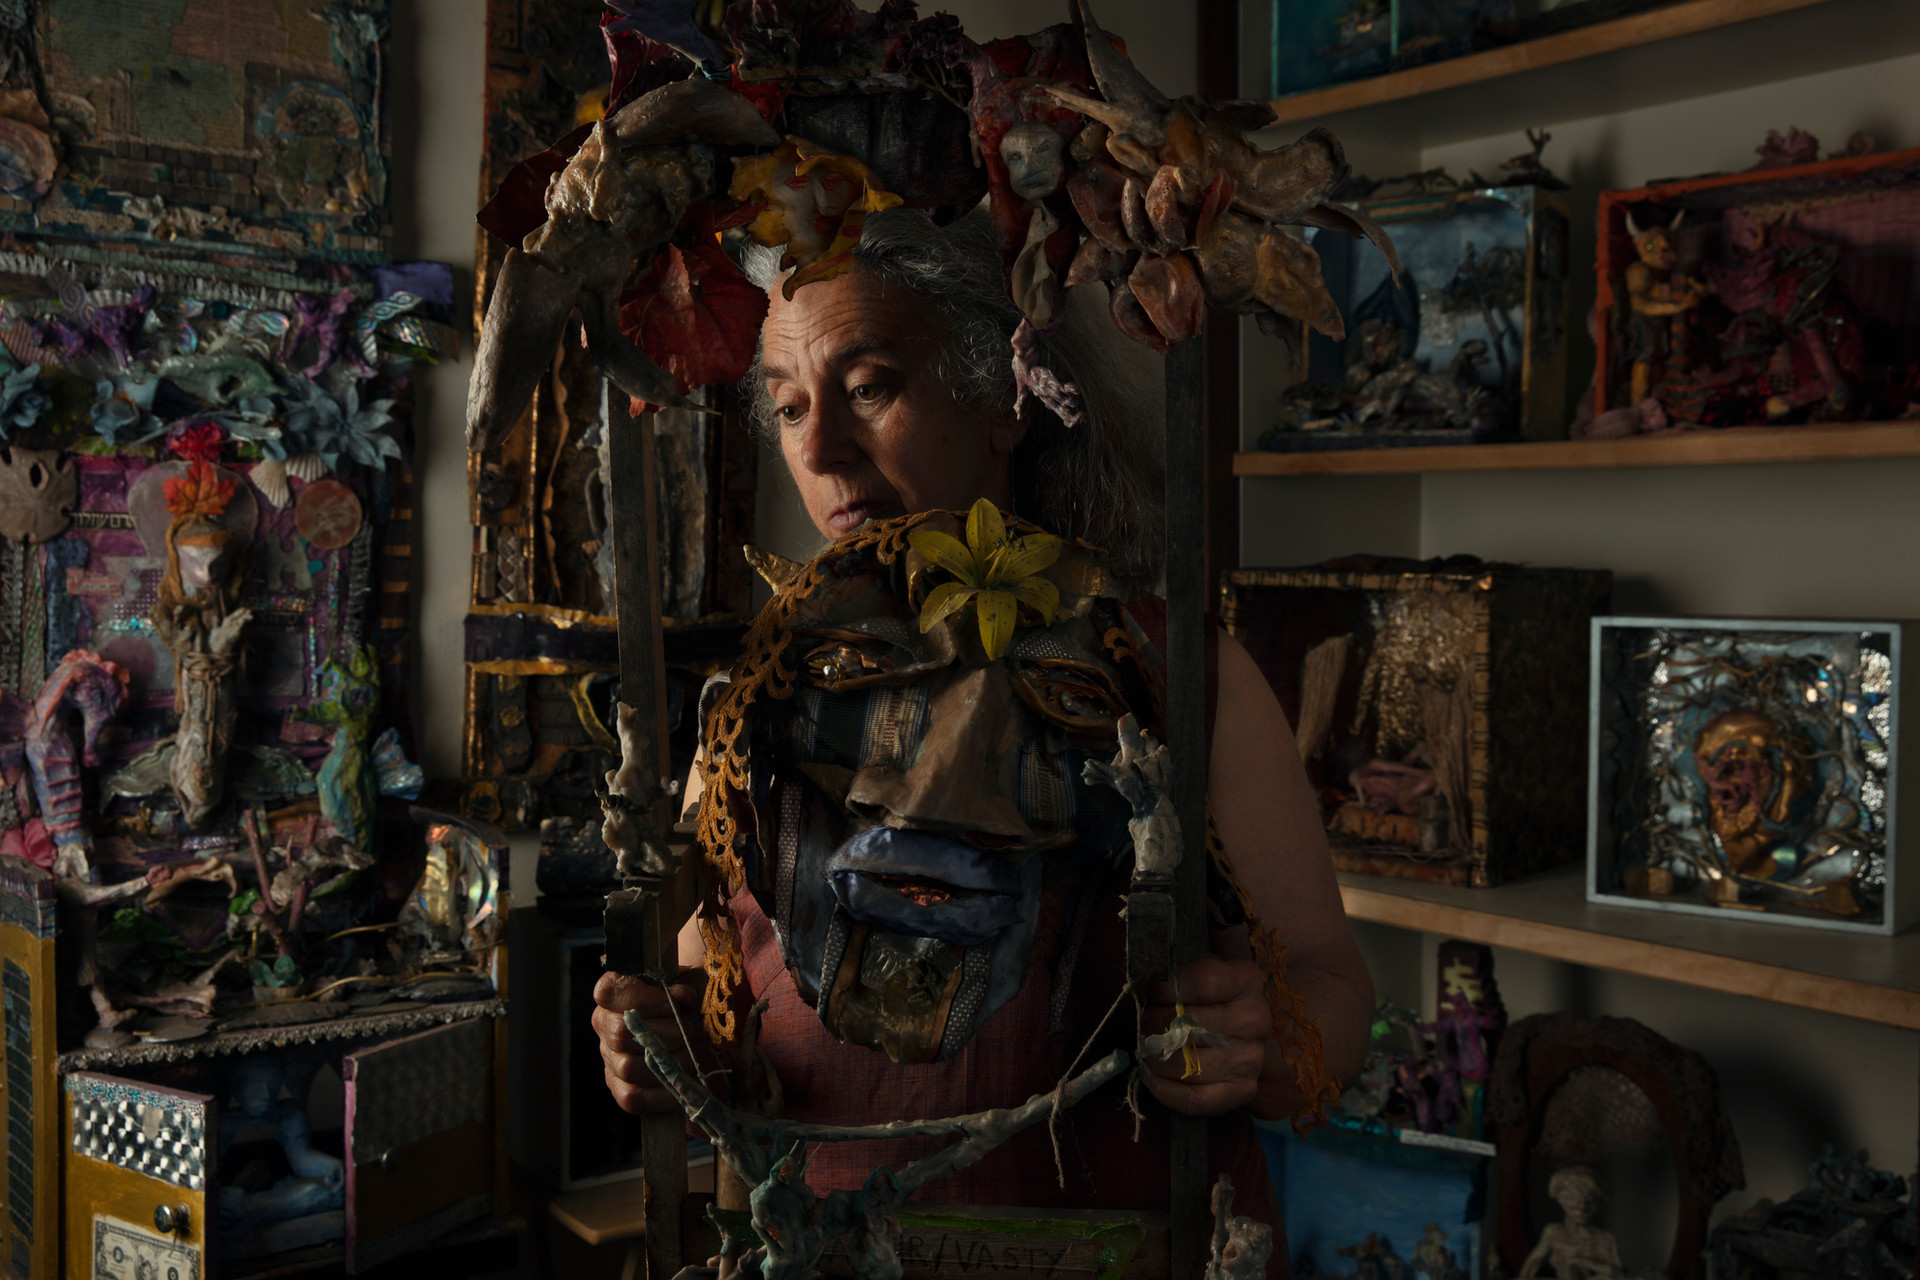 Francesca Borgatta/ Puppets maker